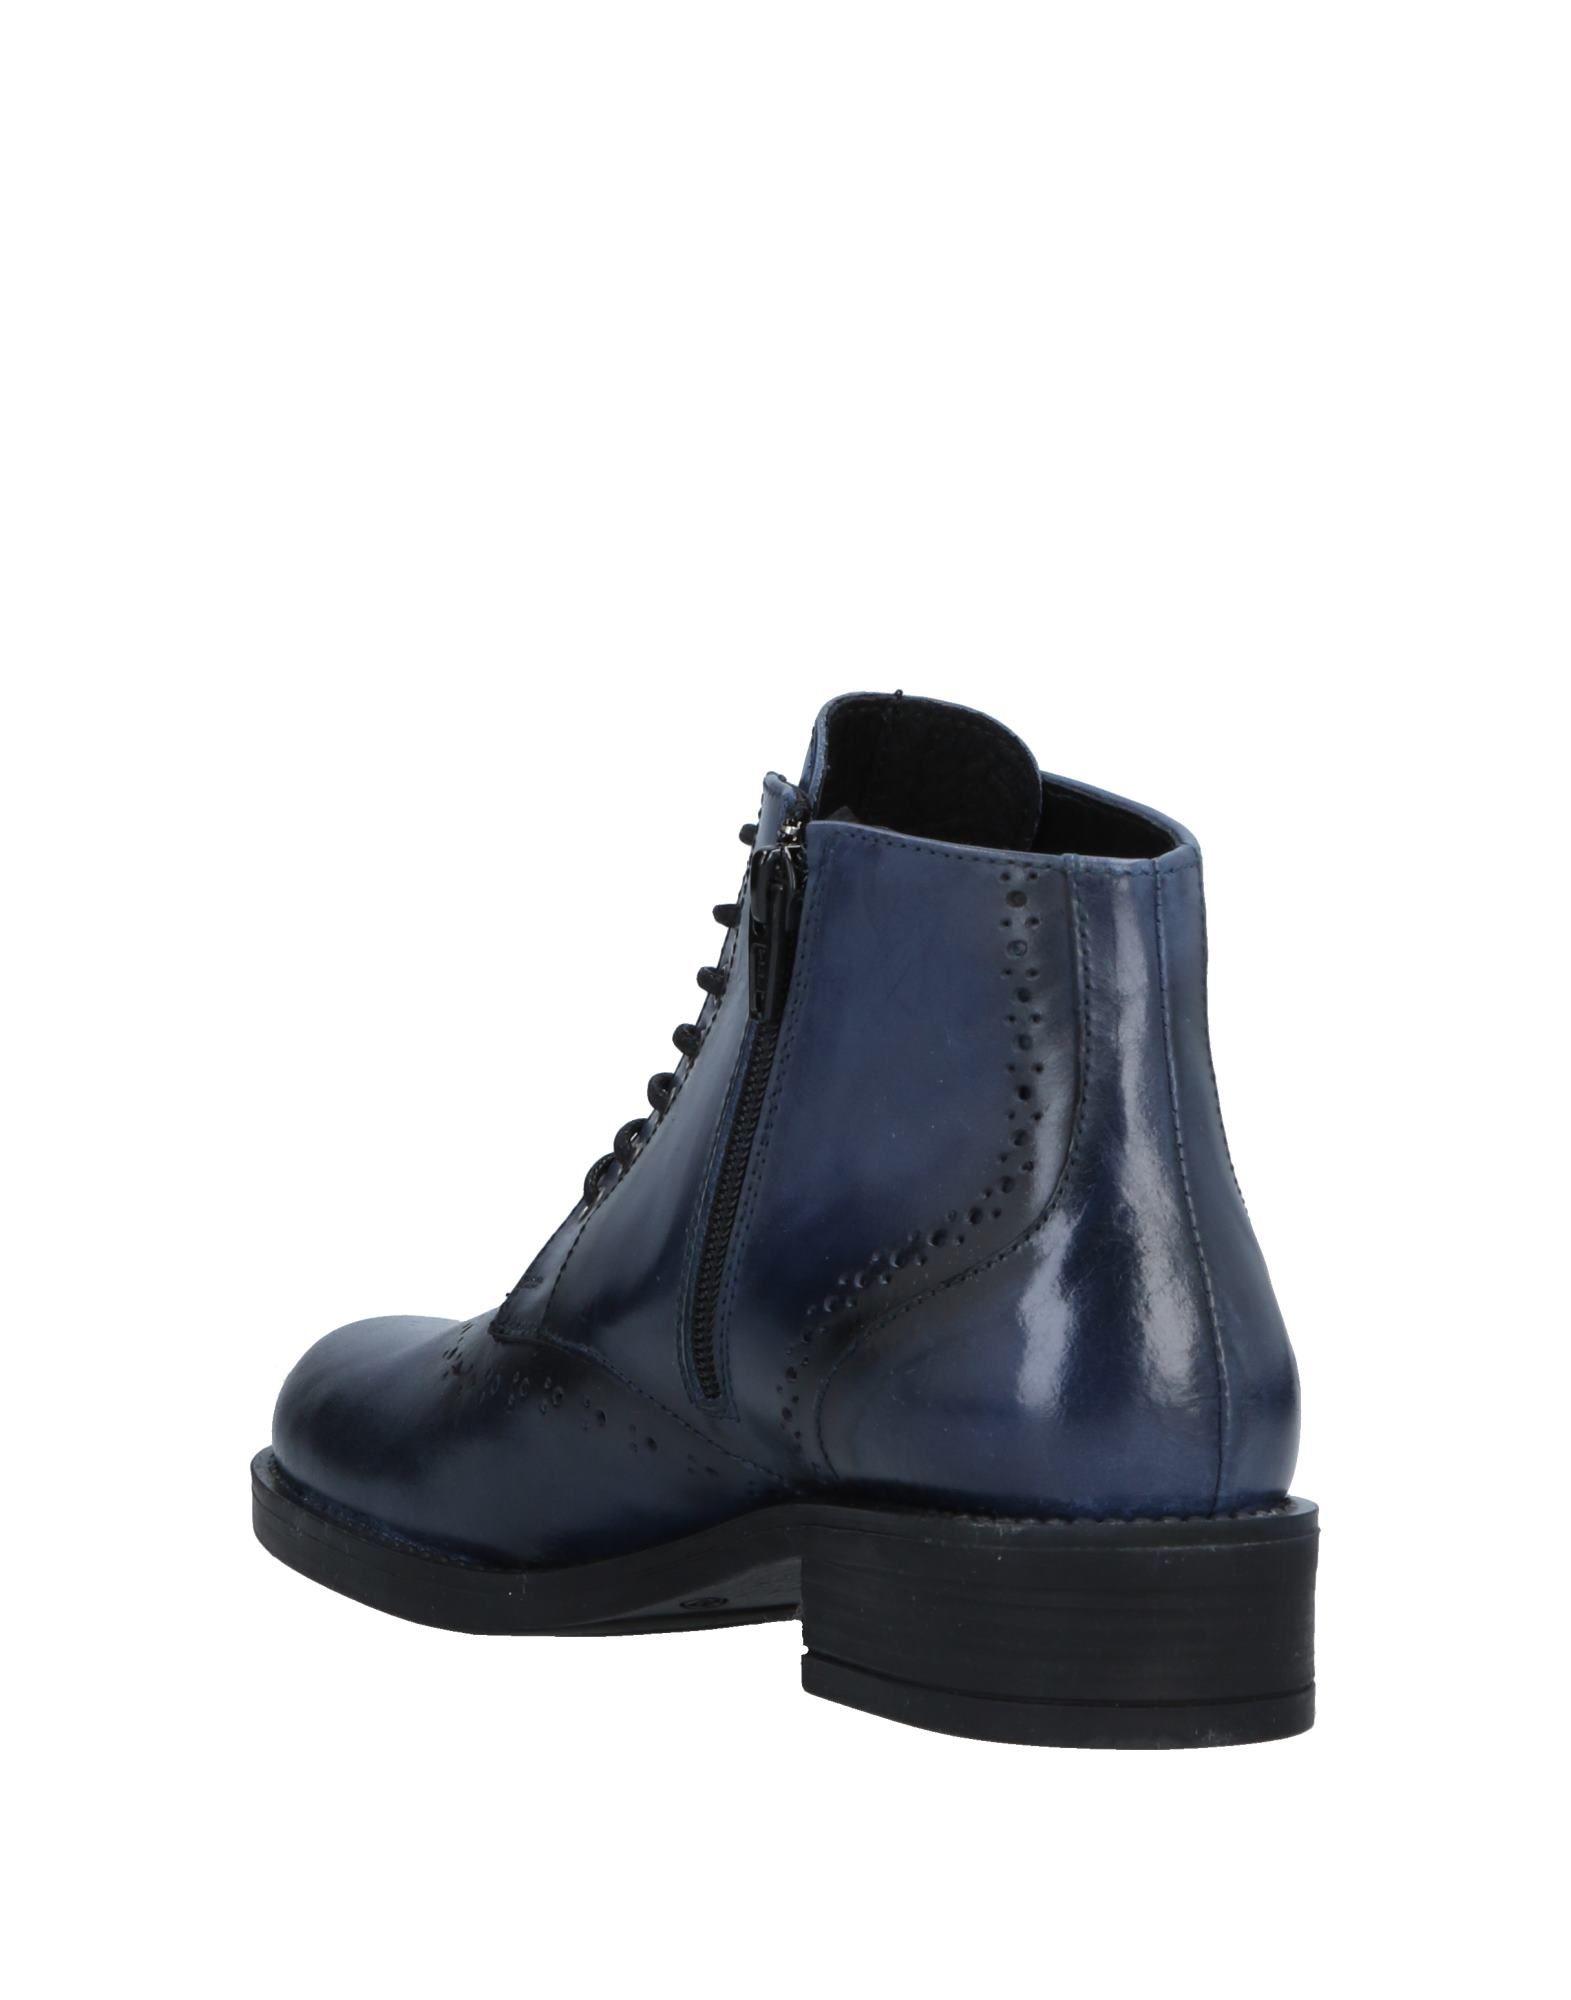 c3244306cae892 ... Donna Più Stiefelette Damen 11526965PS Gute Qualität beliebte Schuhe ...